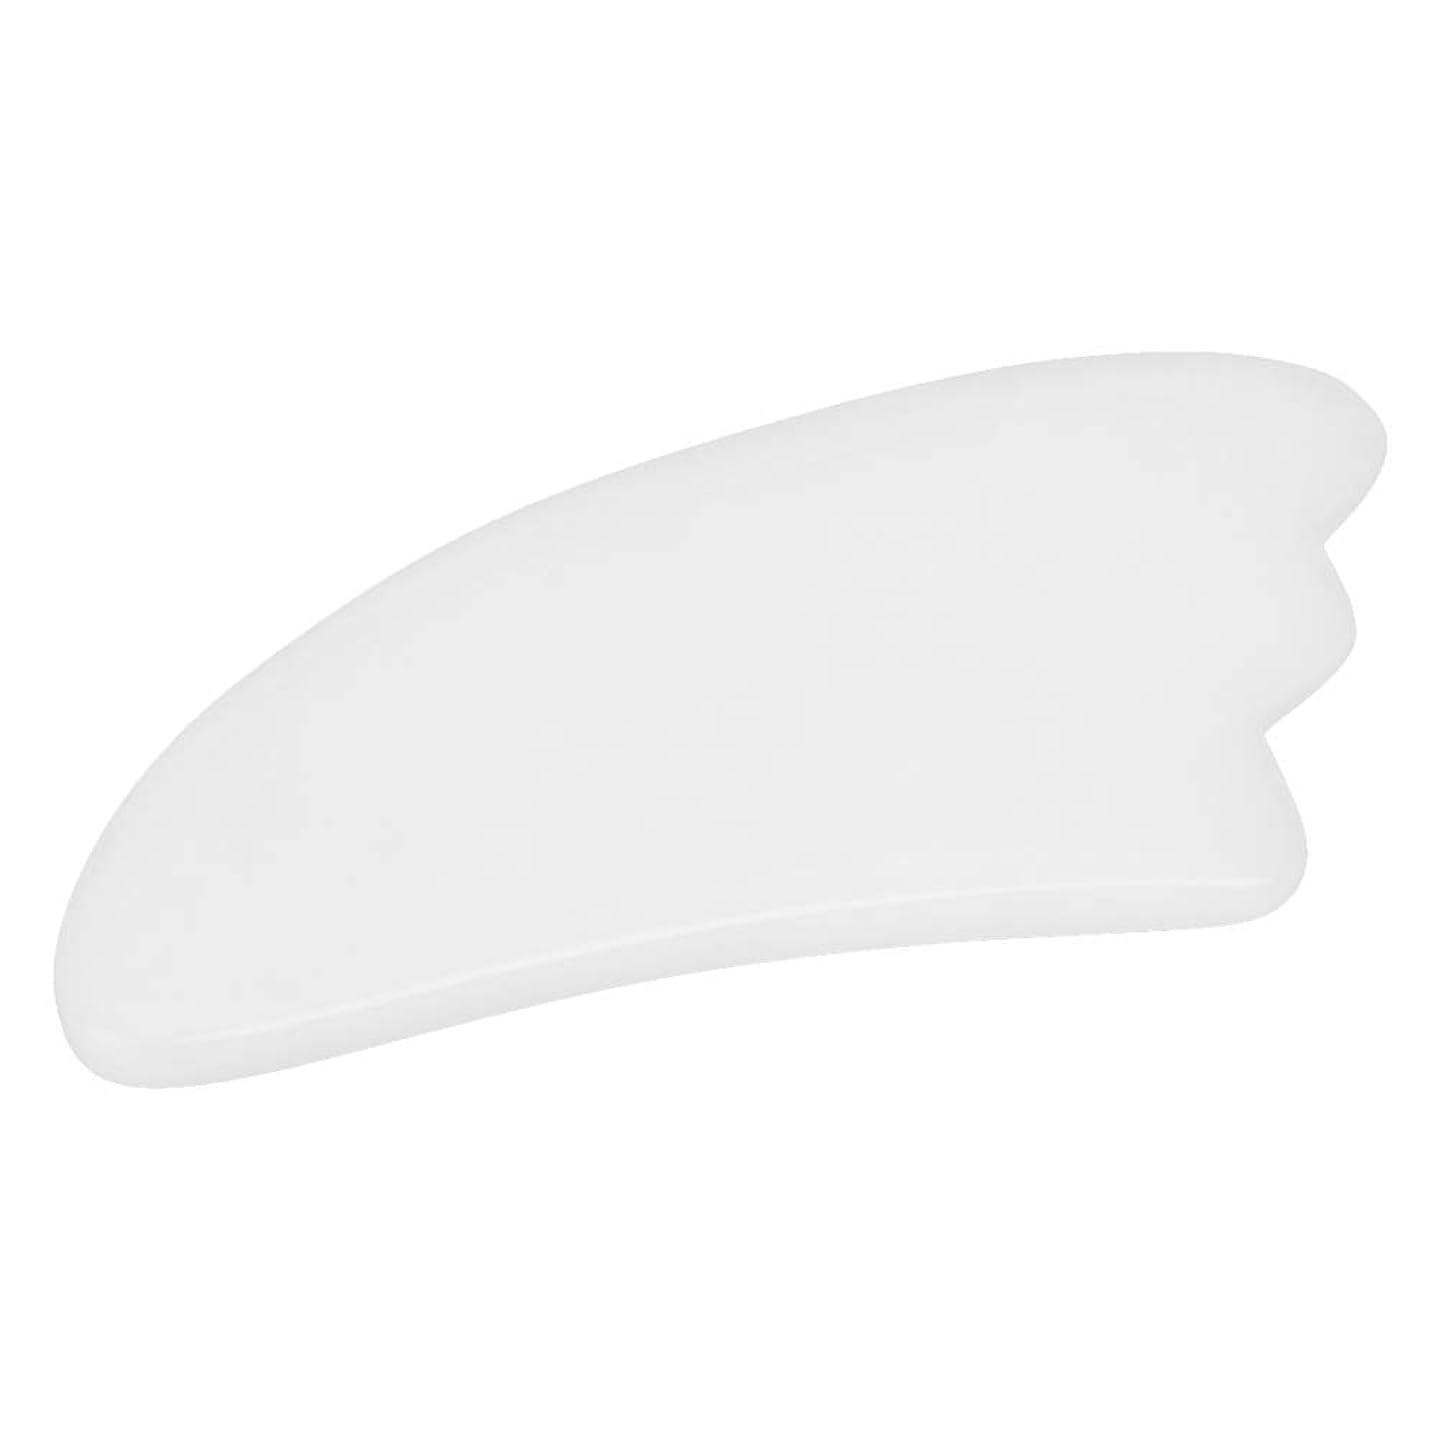 パンツ分割懲らしめカッサ板 - Delaman かっさ プレート、羽型、マッサージ器 、天然石、血液の循環を促進し、美顔、ホワイト